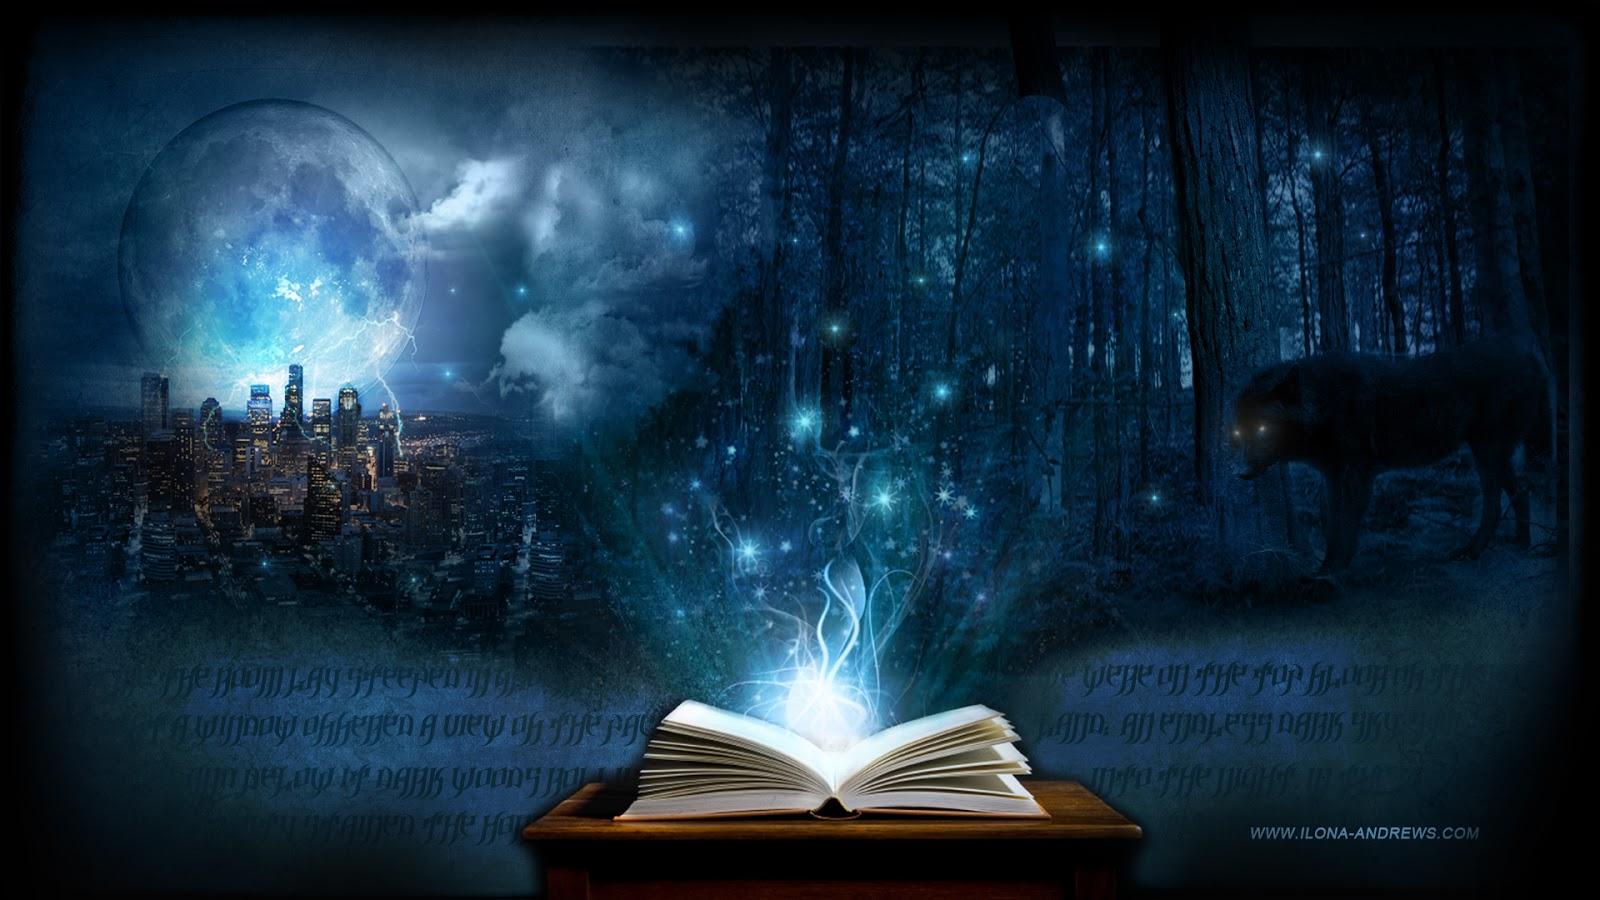 Download Wallpaper Harry Potter Love - tumblr_static_magic-book-wallpaper  Snapshot_296735.jpg